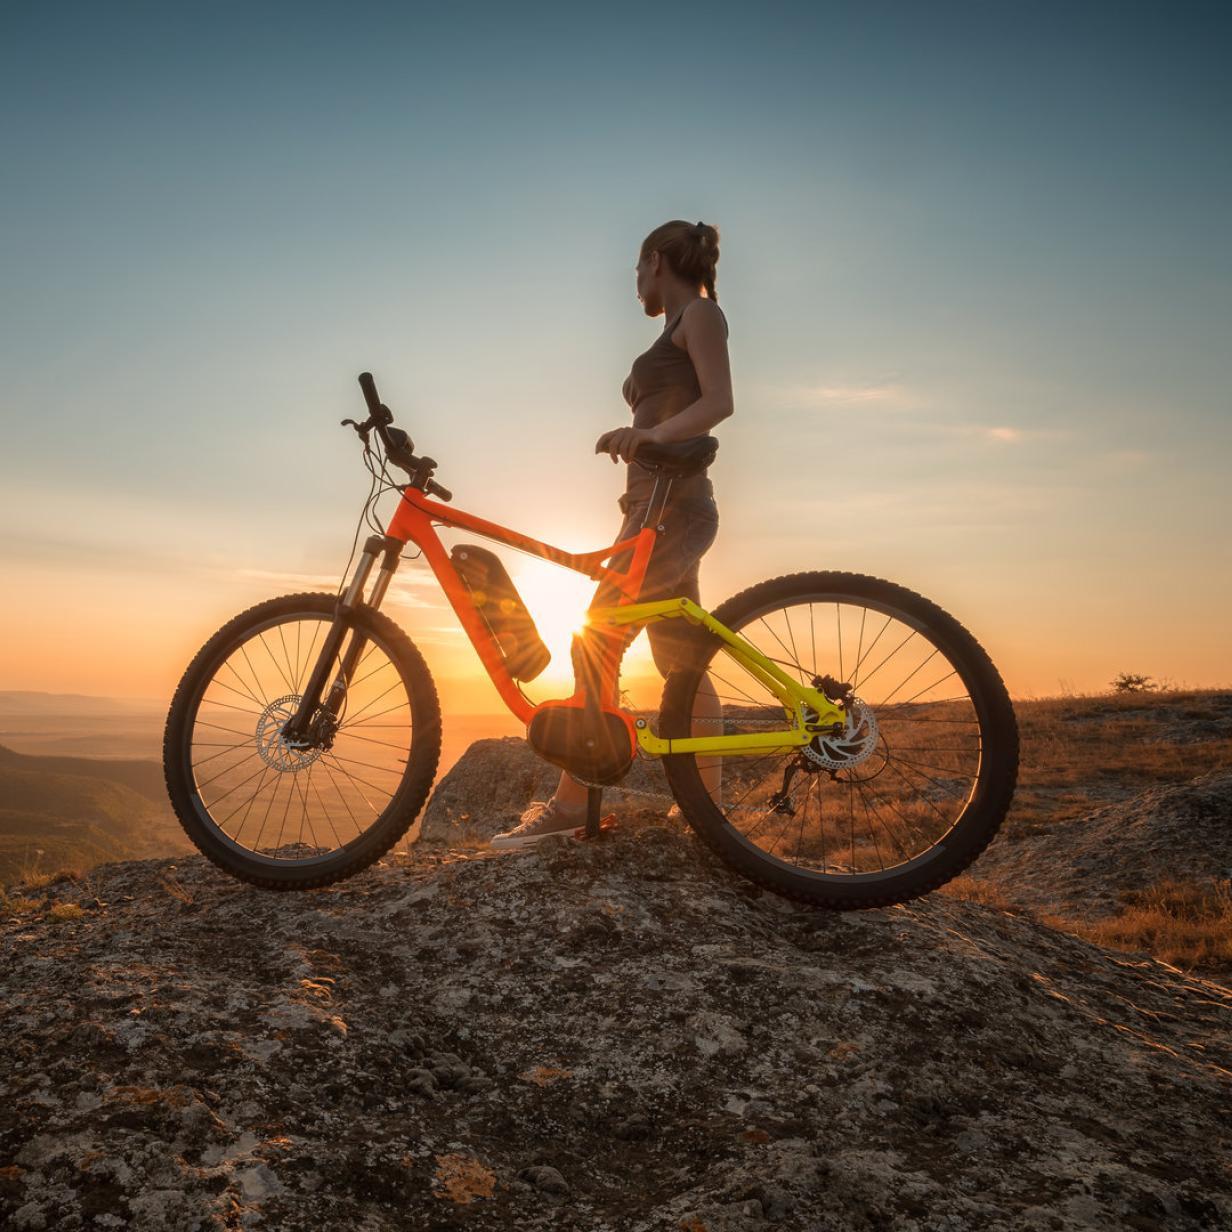 Studie: E-Biker kriegen mehr Bewegung als normale Radler